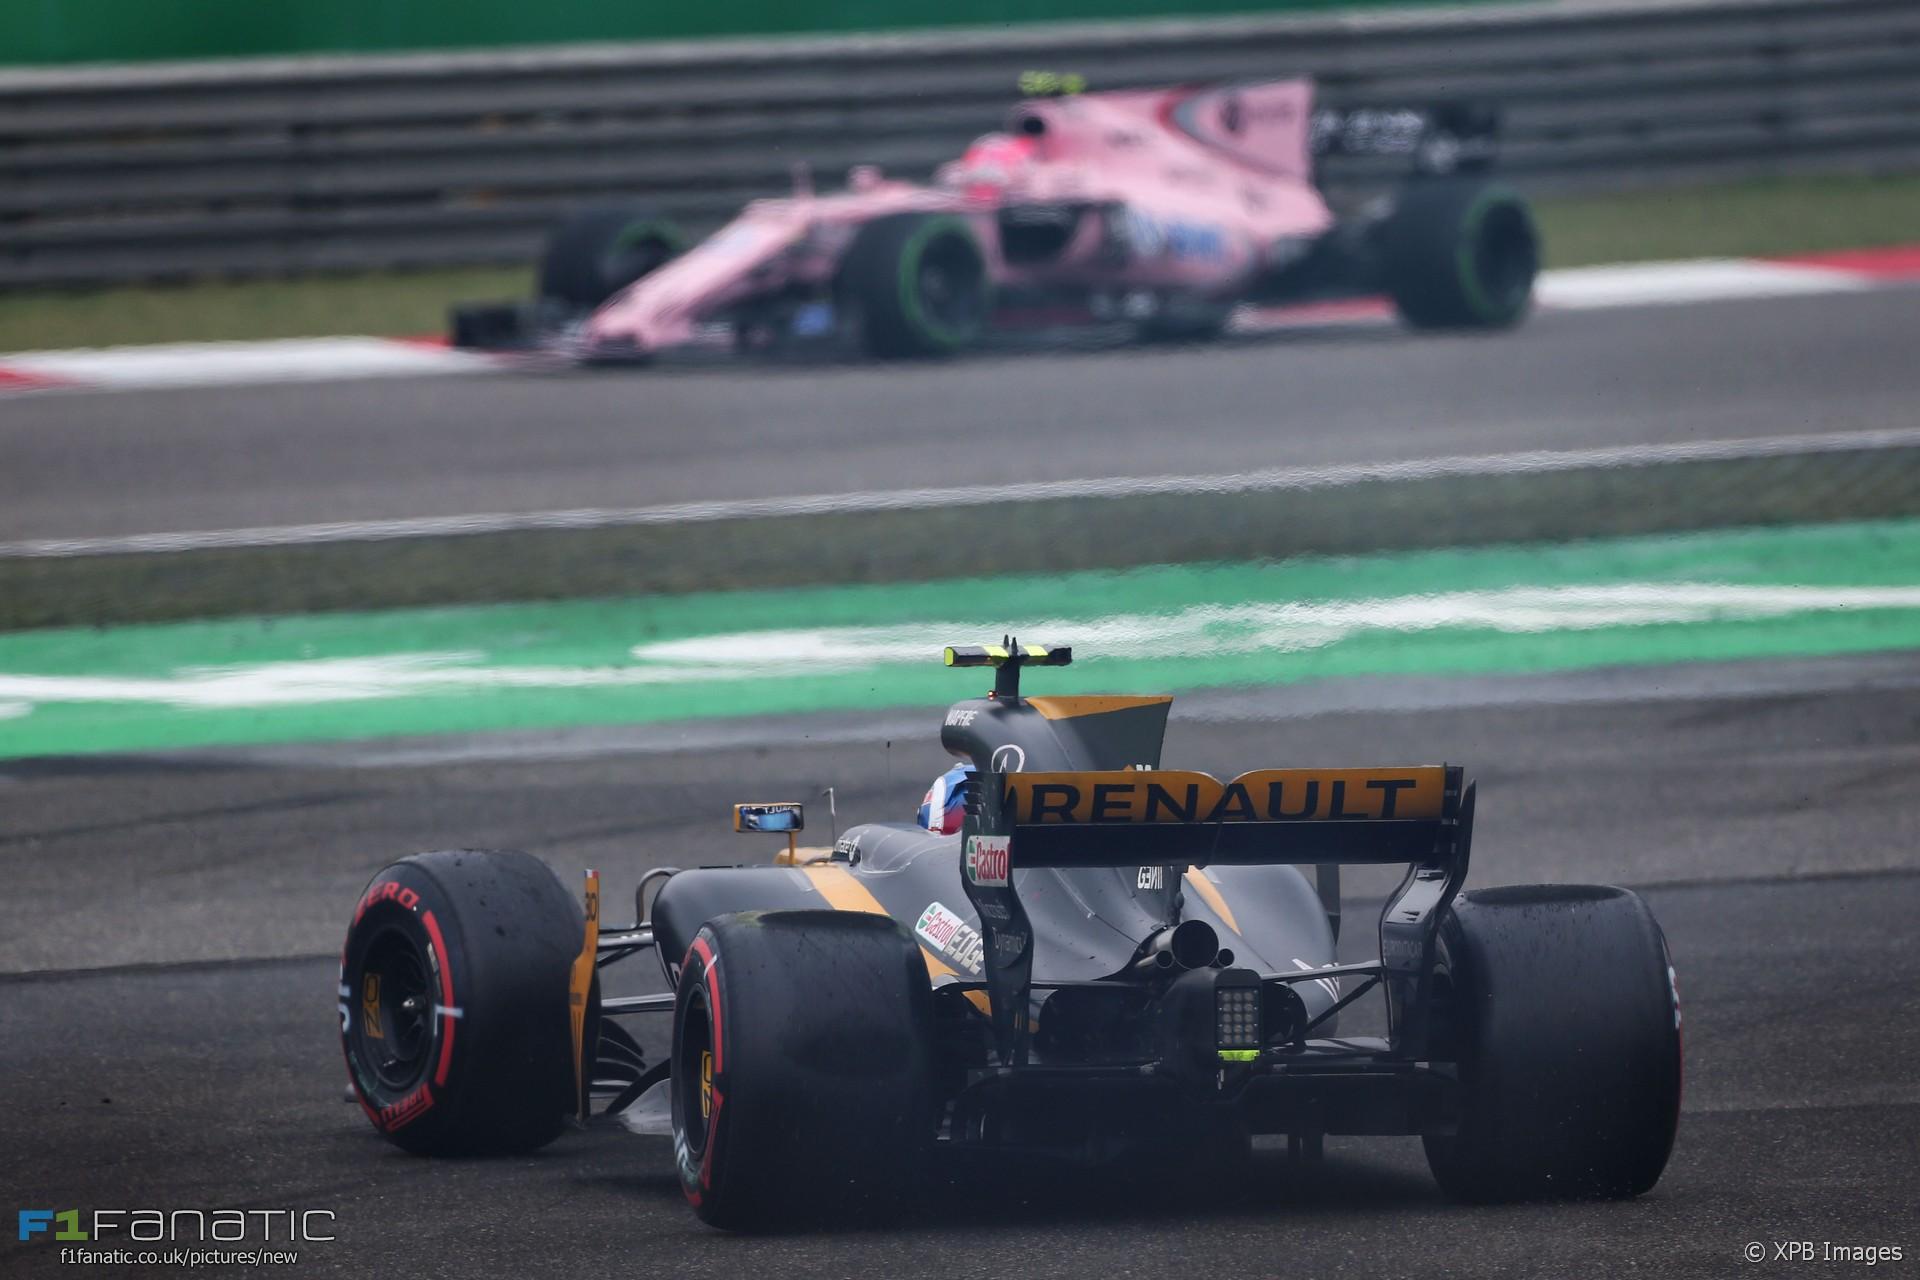 Jolyon Palmer, Renault, Shanghai International Circuit, 2017